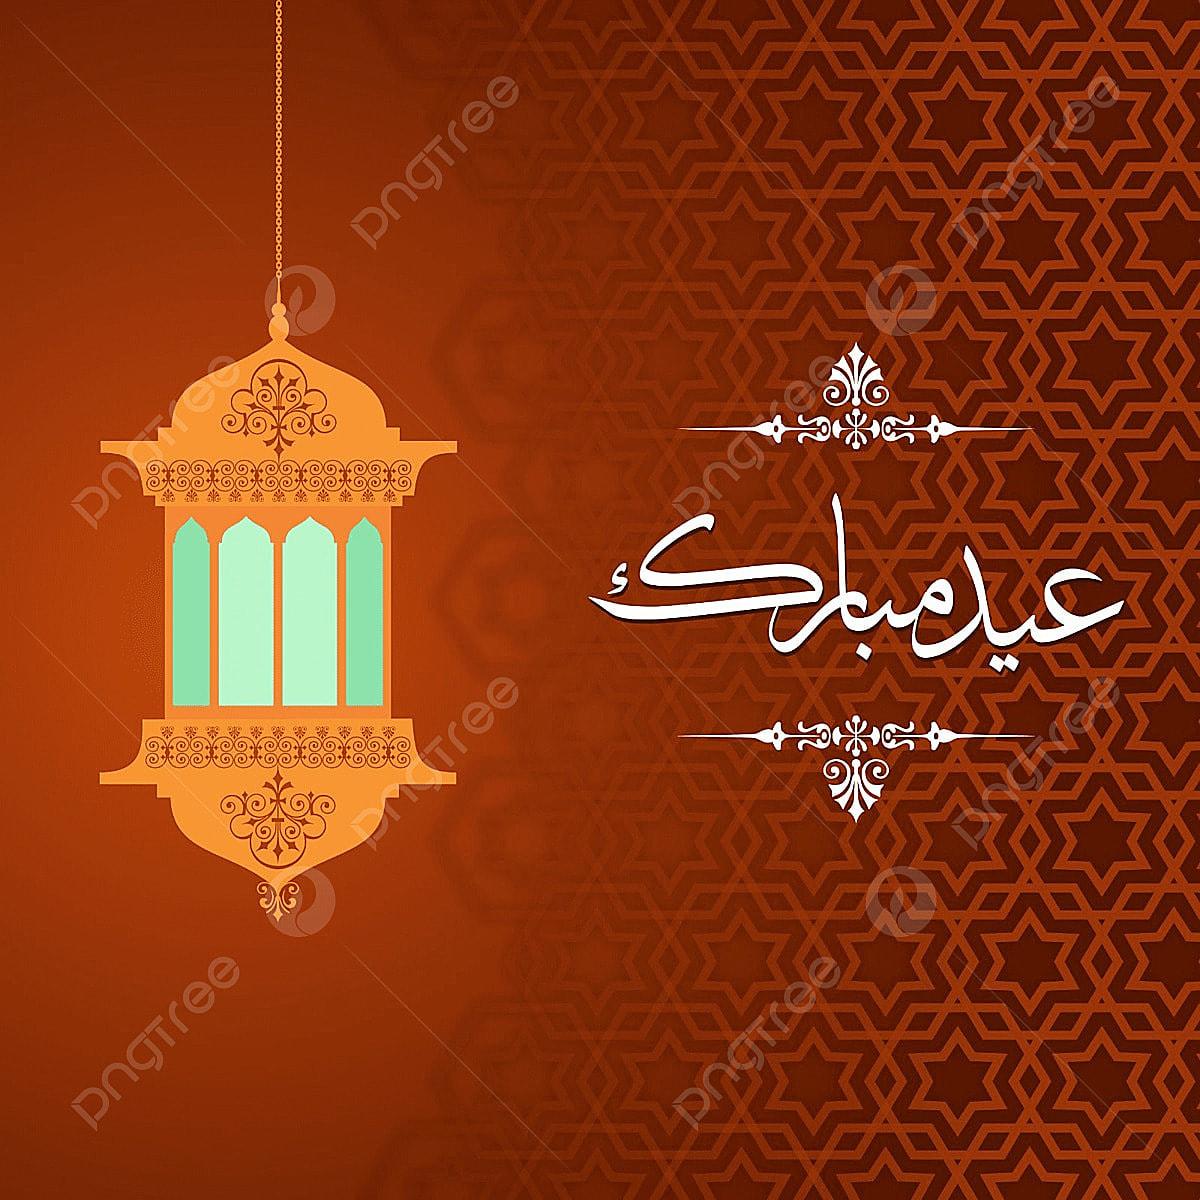 عيد الفطر المبارك بطاقات المعايدة عيد الأضحى المبارك نبذة مختصرة